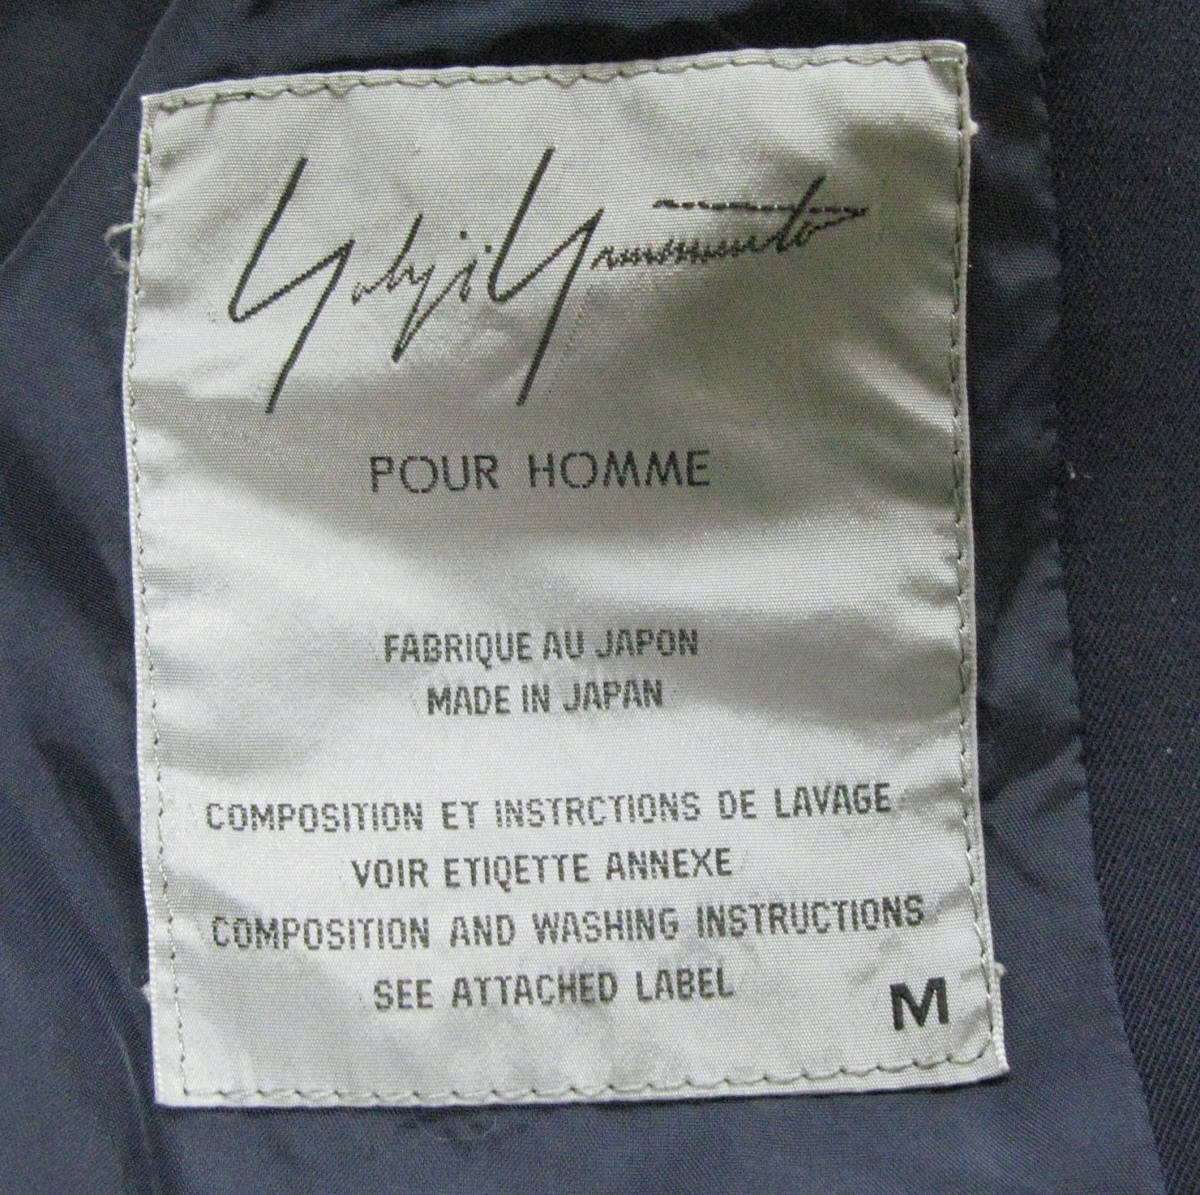 ヨウジヤマモト プールオム:旧タグ ビッグシルエット ウールギャバ ロング ジャケット 濃紺Yohji Yamamoto pour HOMME vintage big jacket_画像5